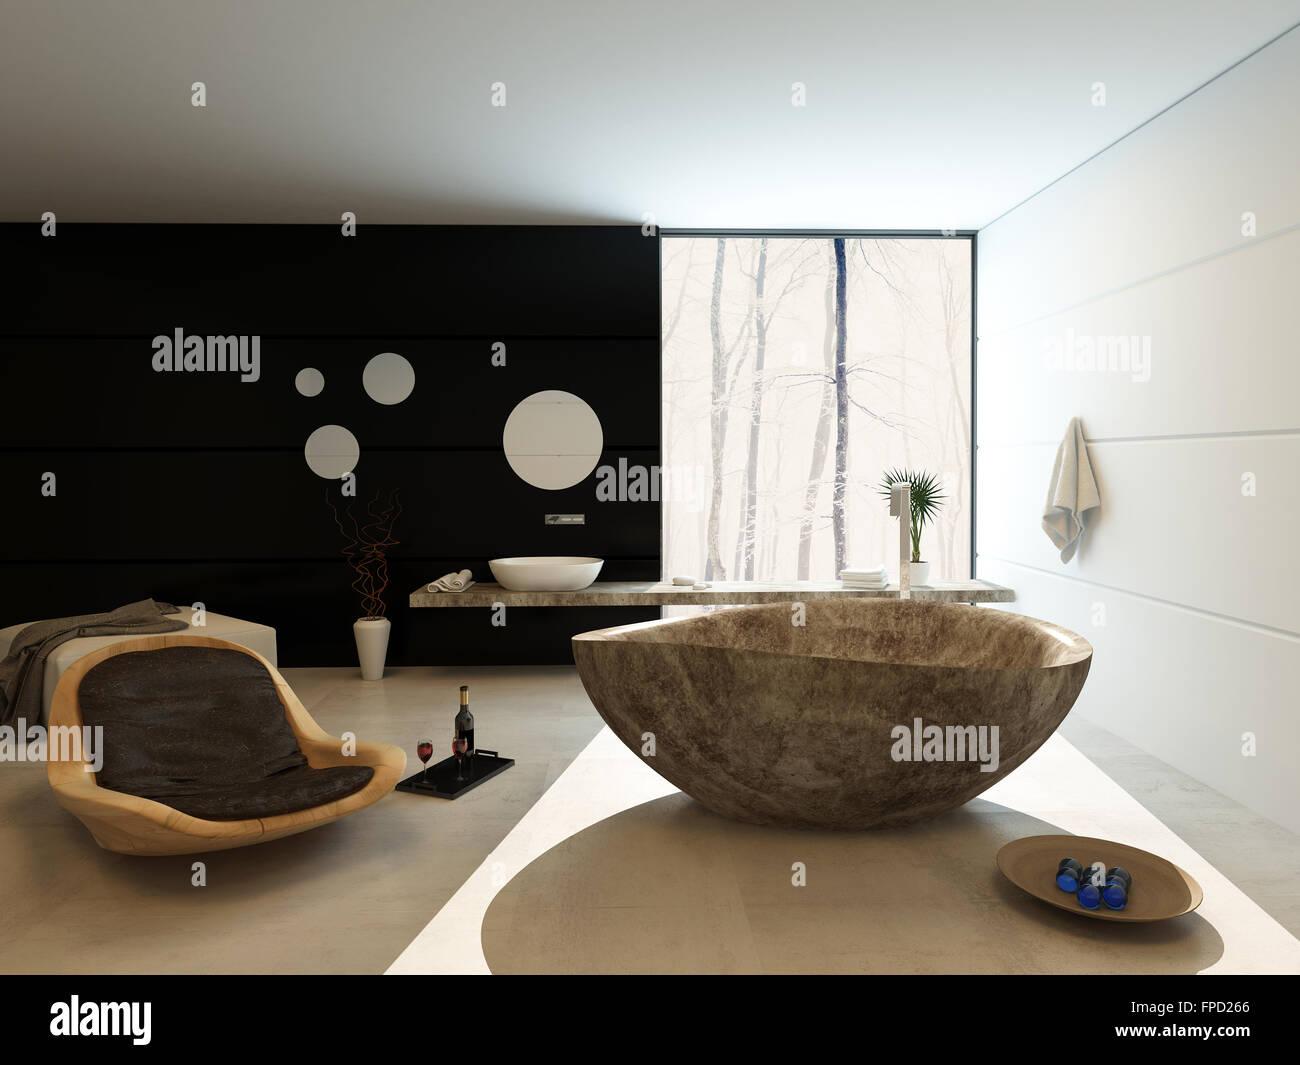 Zeitgemäßen Luxus Badezimmer Interieur Mit Freistehende Marmor Badewanne,  Moderne Holz Sessel Stuhl Und Wand Wandmontage Eitelkeit Schwarz Akzent Mit  Einem ...